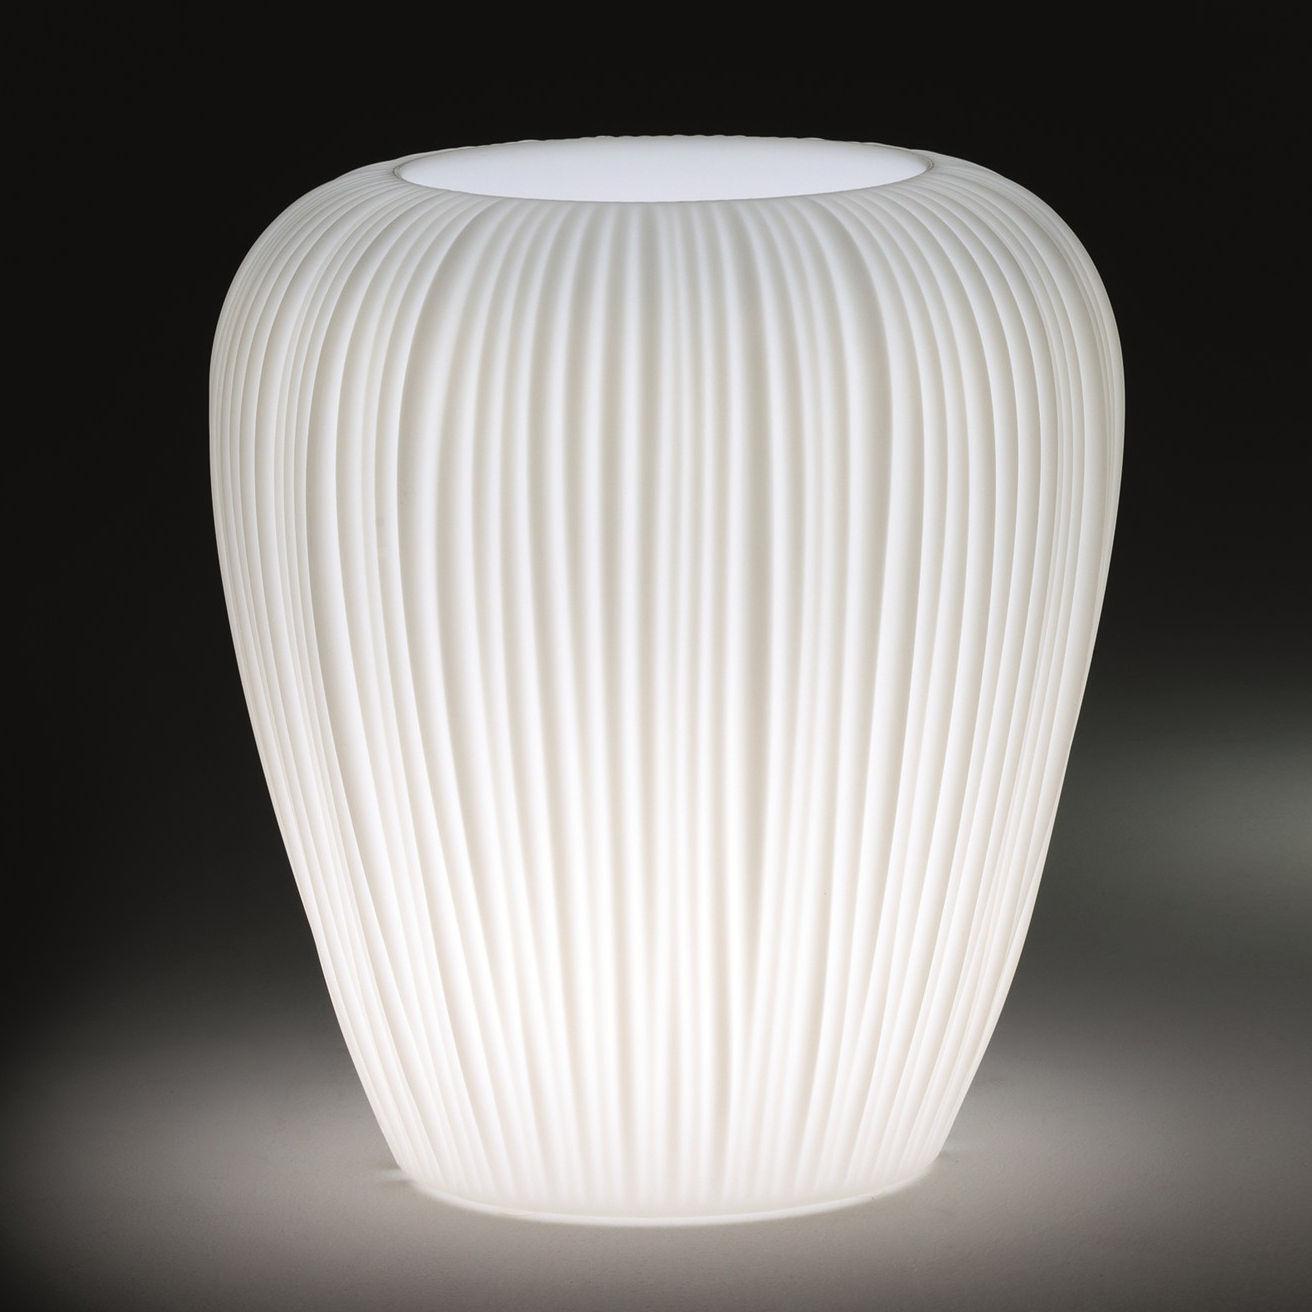 Luminaire - Luminaires d'extérieur - Pot de fleurs lumineux Skin Small / H 60 cm - MyYour - Blanc - Poleasy®